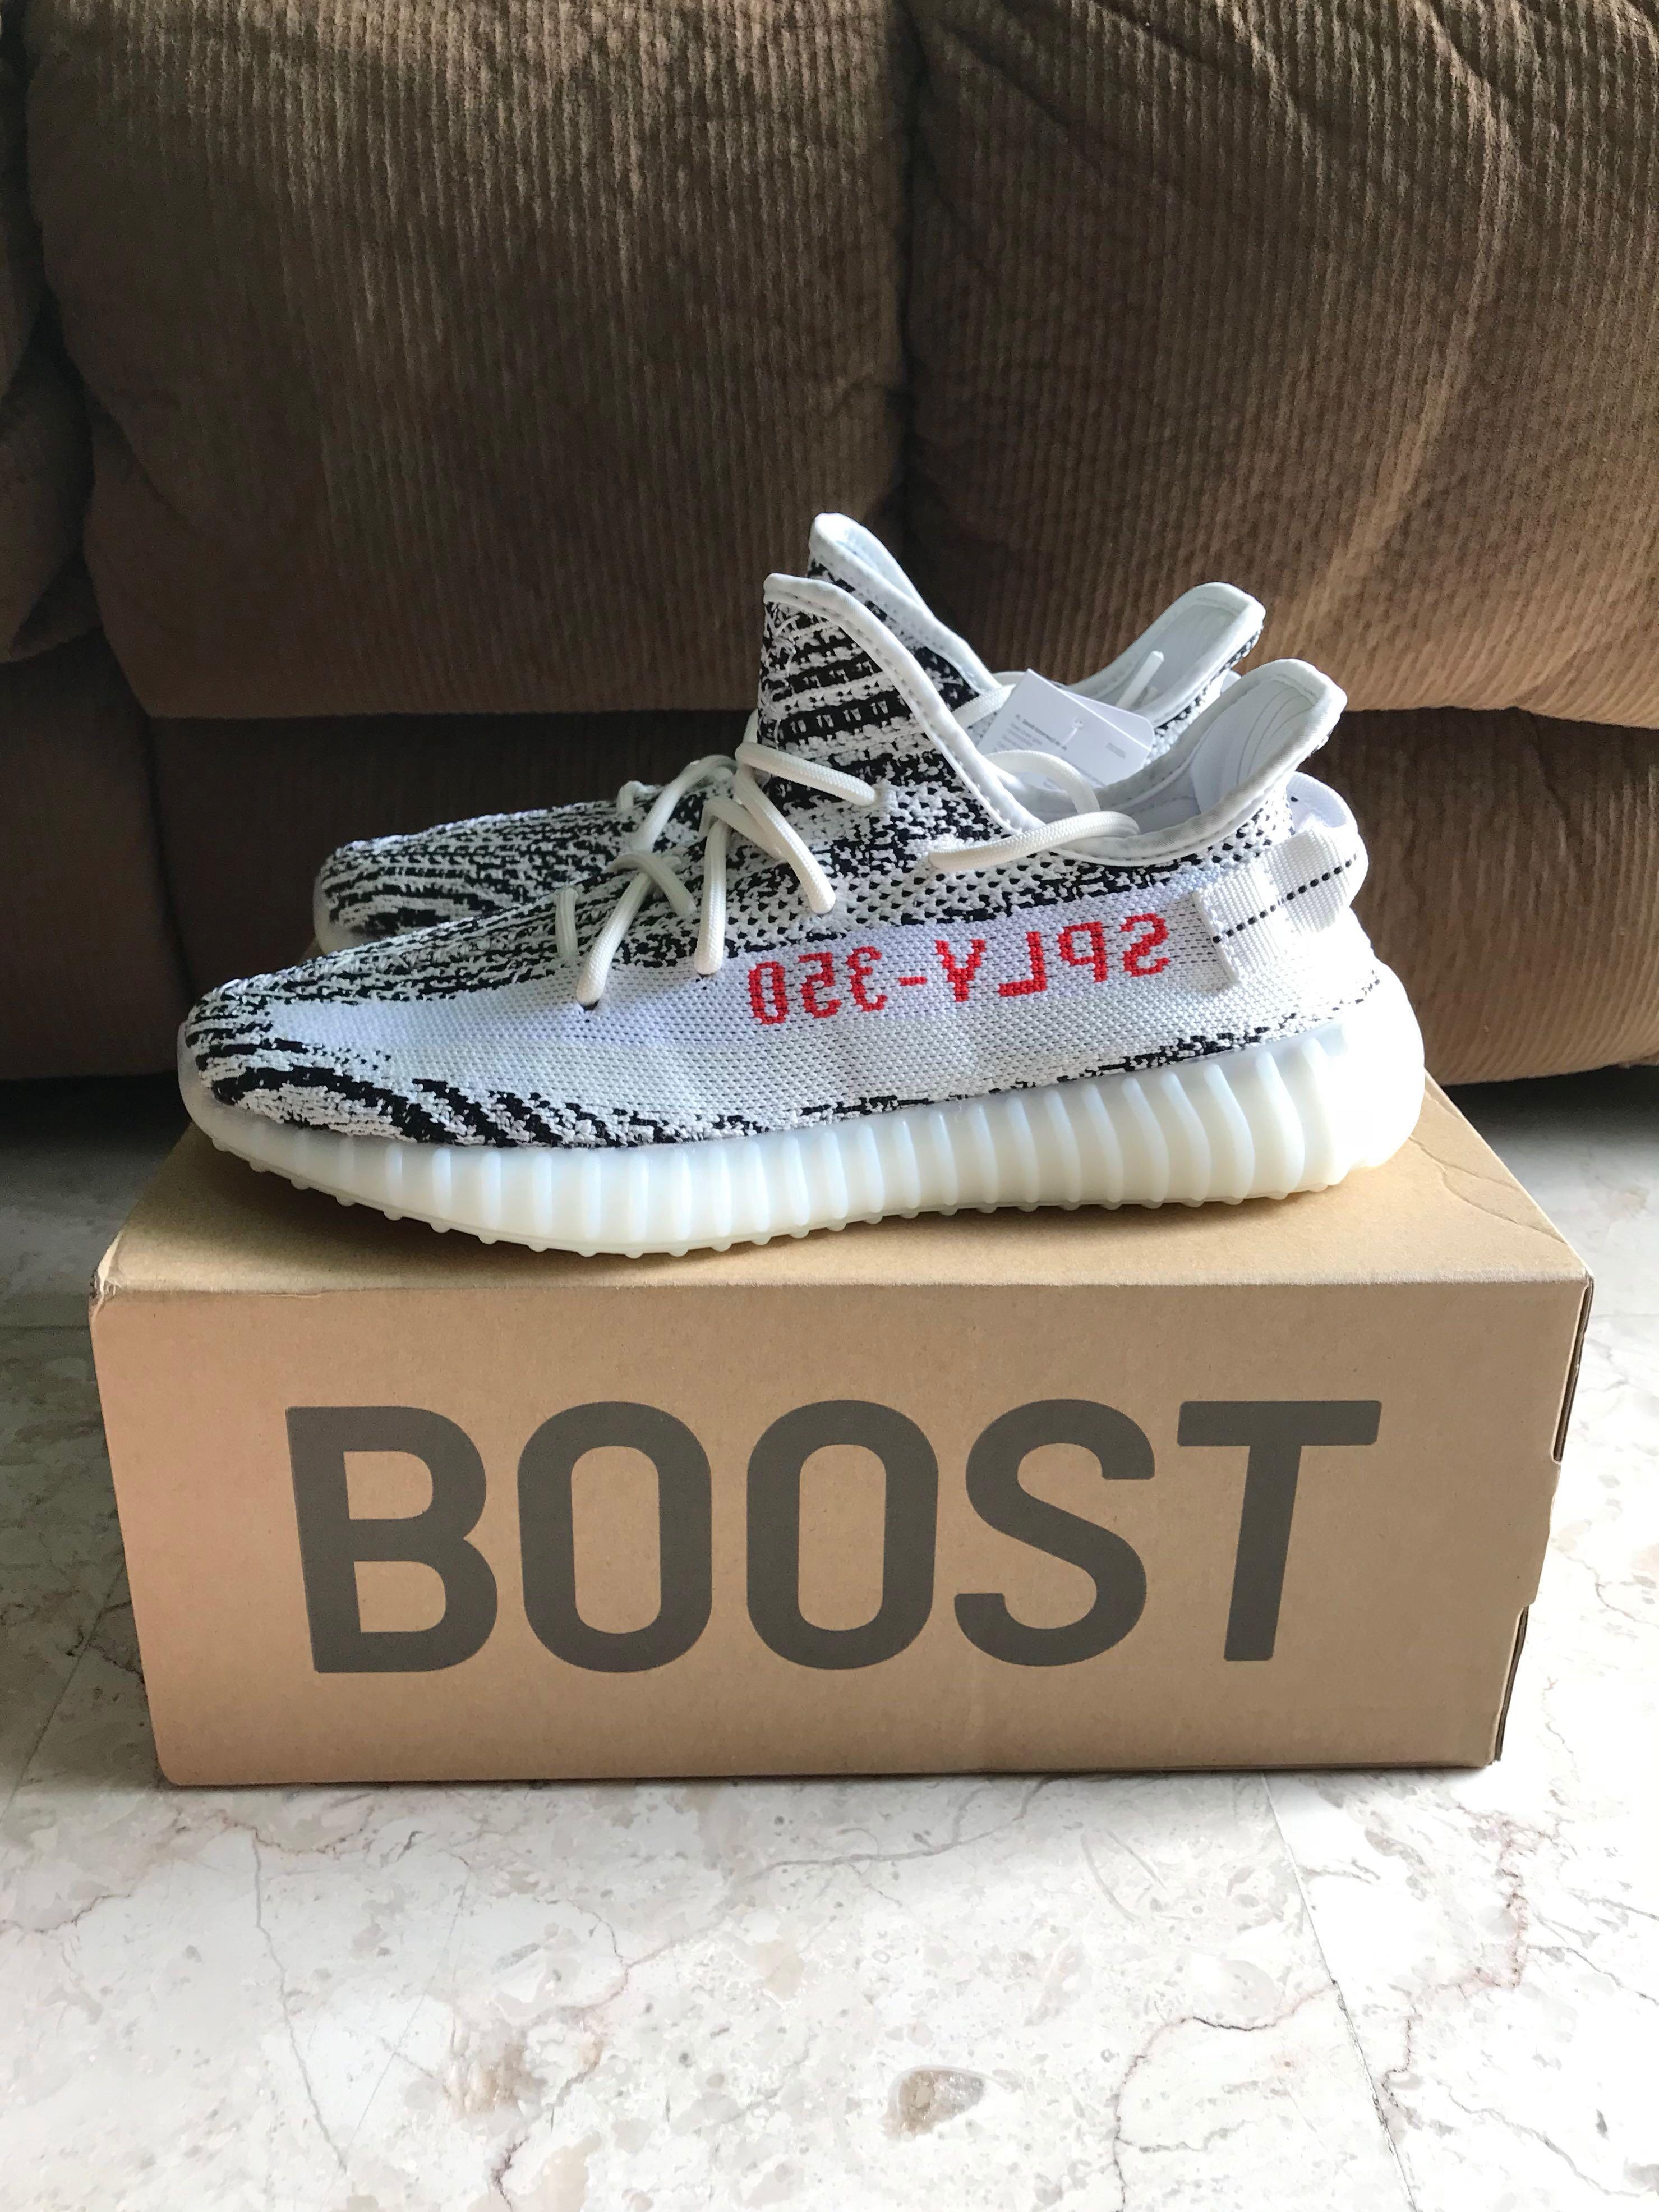 US 8.5 Adidas Yeezy Boost 350 V2 Zebra, Men's Fashion